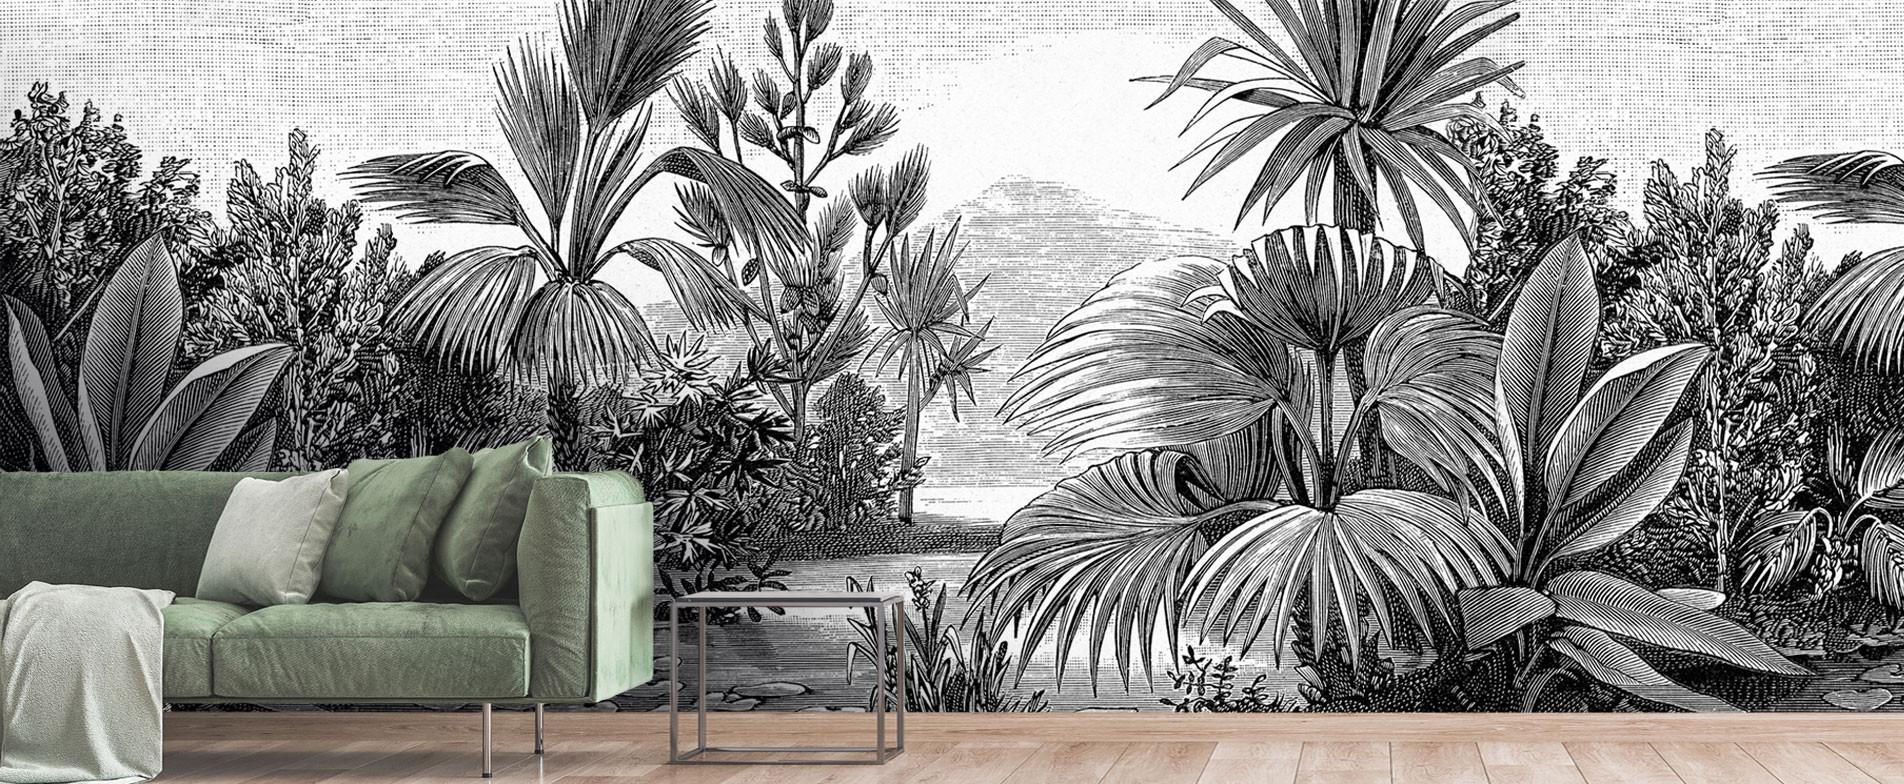 La jungle aux milles détails en noir et blanc !